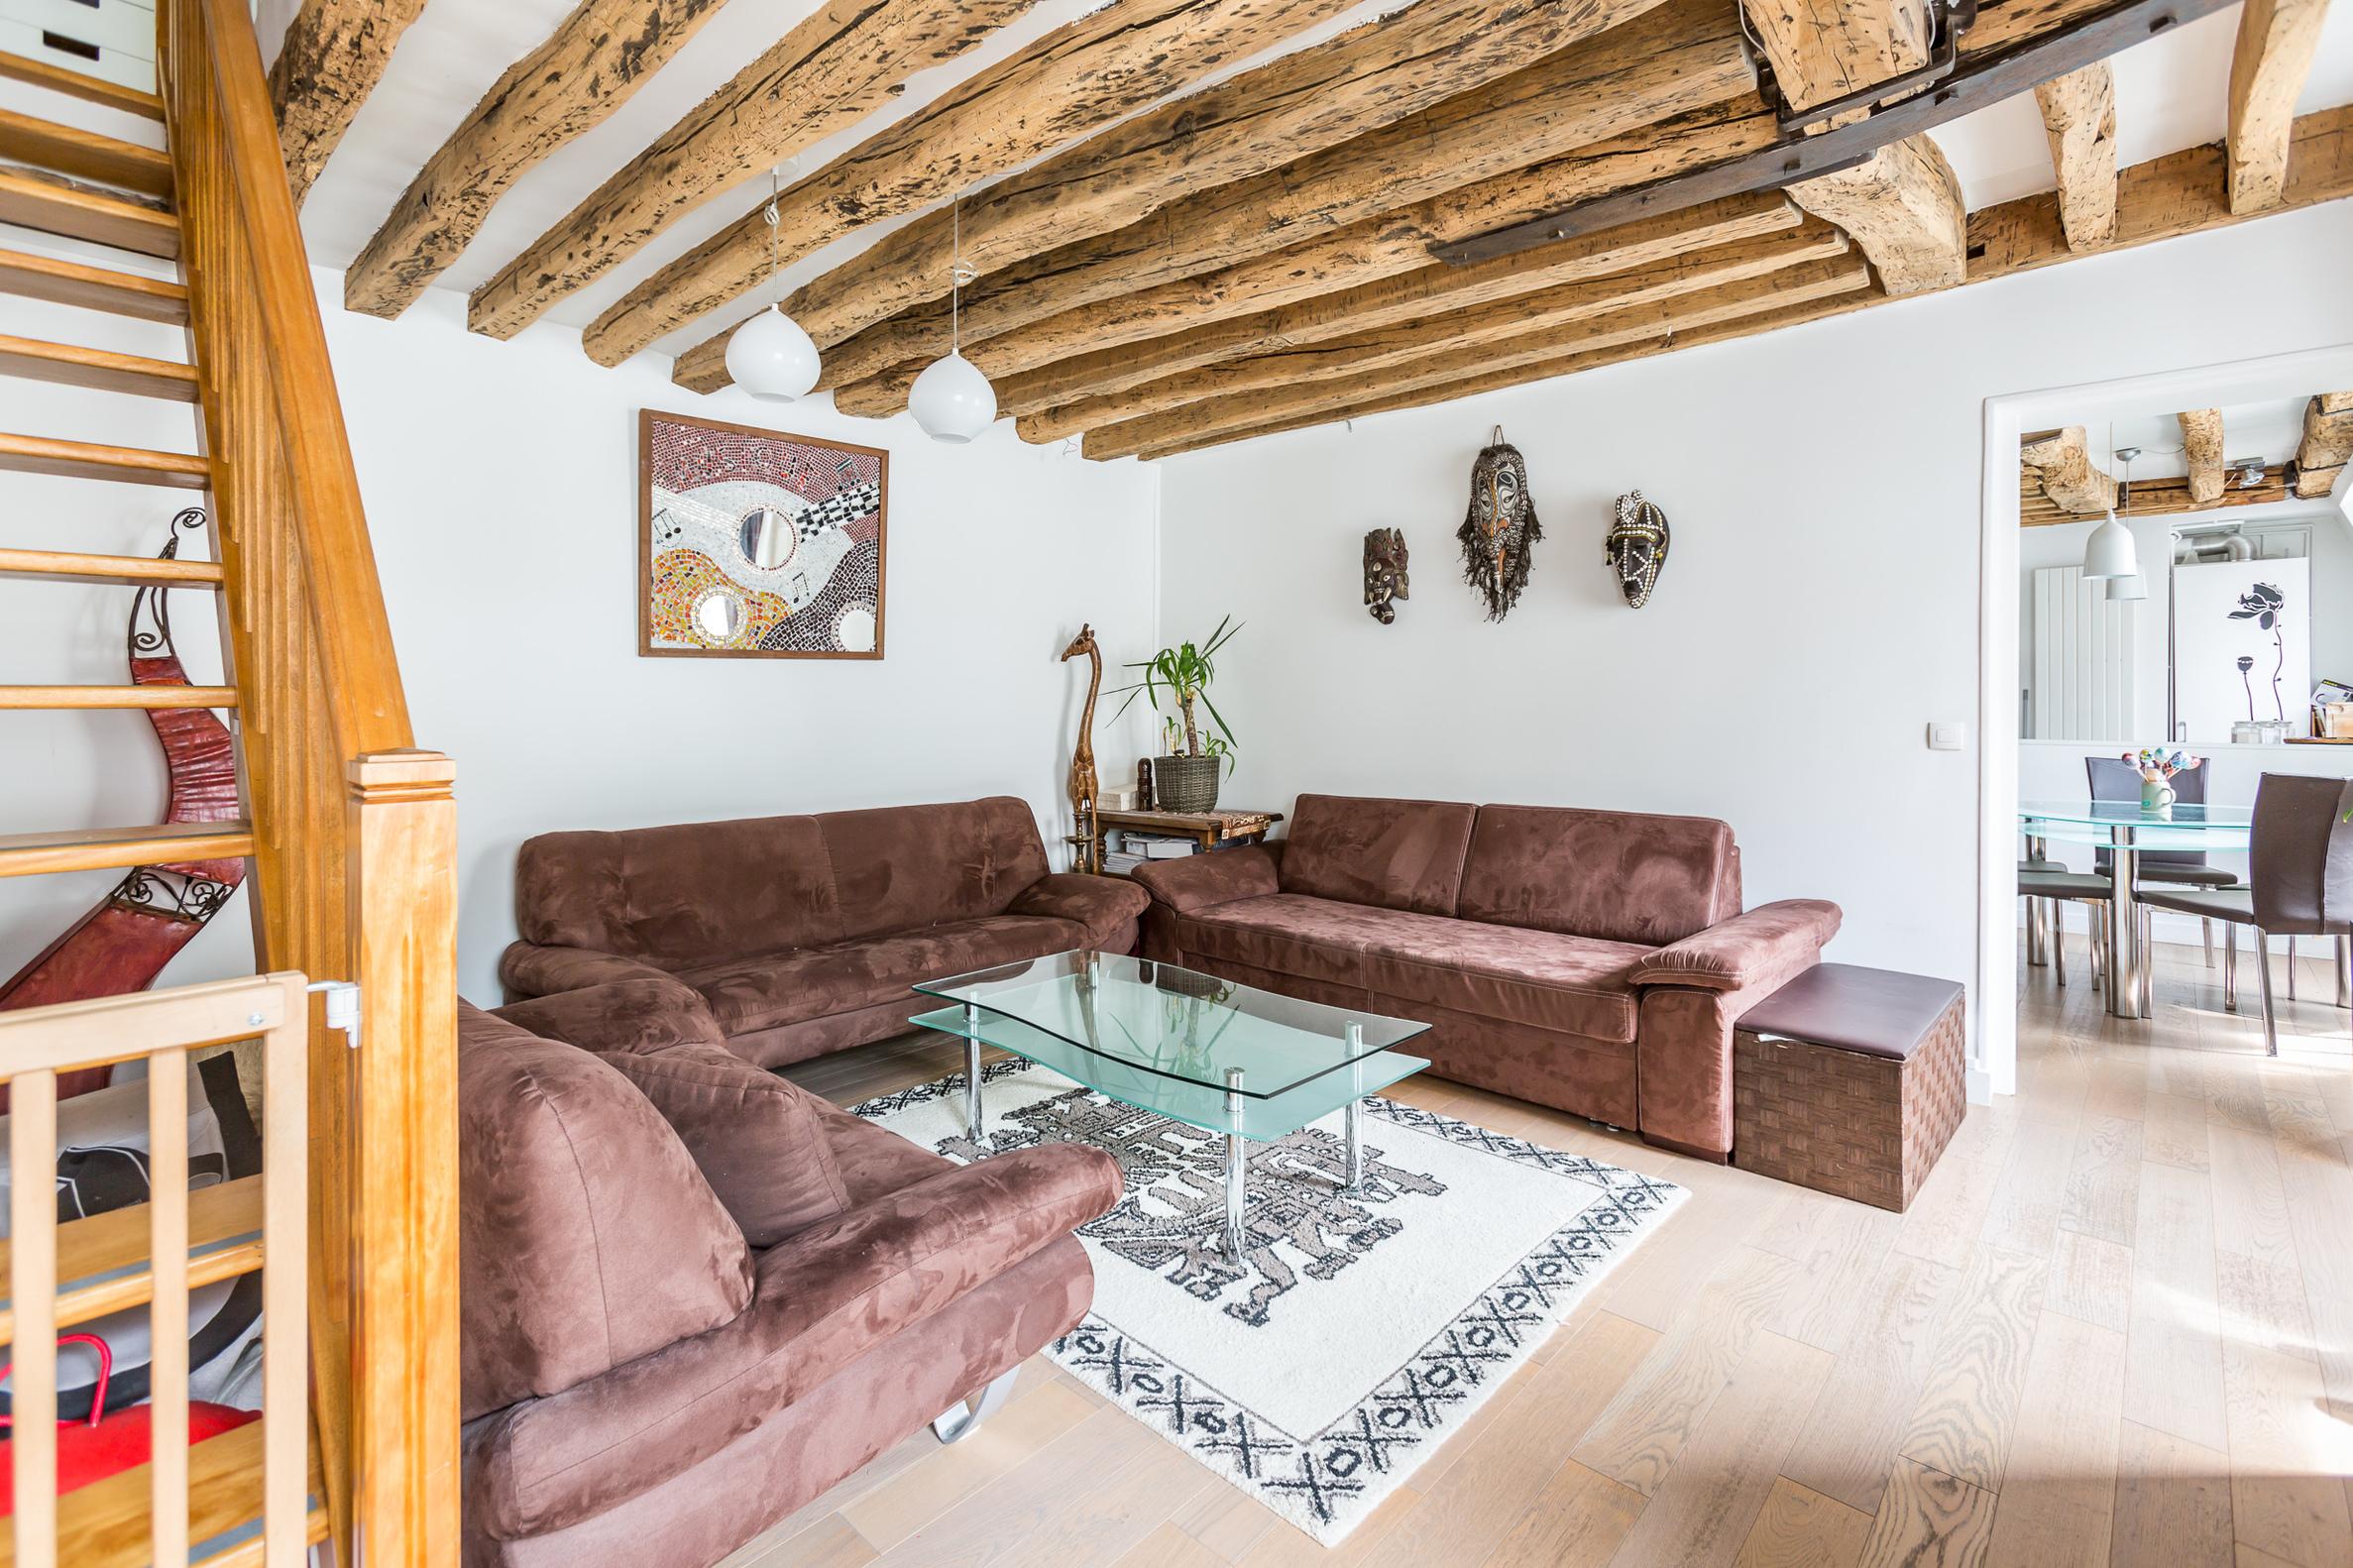 Vente appartement paris temple 3e arrondissement 75003 sur for Appart hotel paris au mois